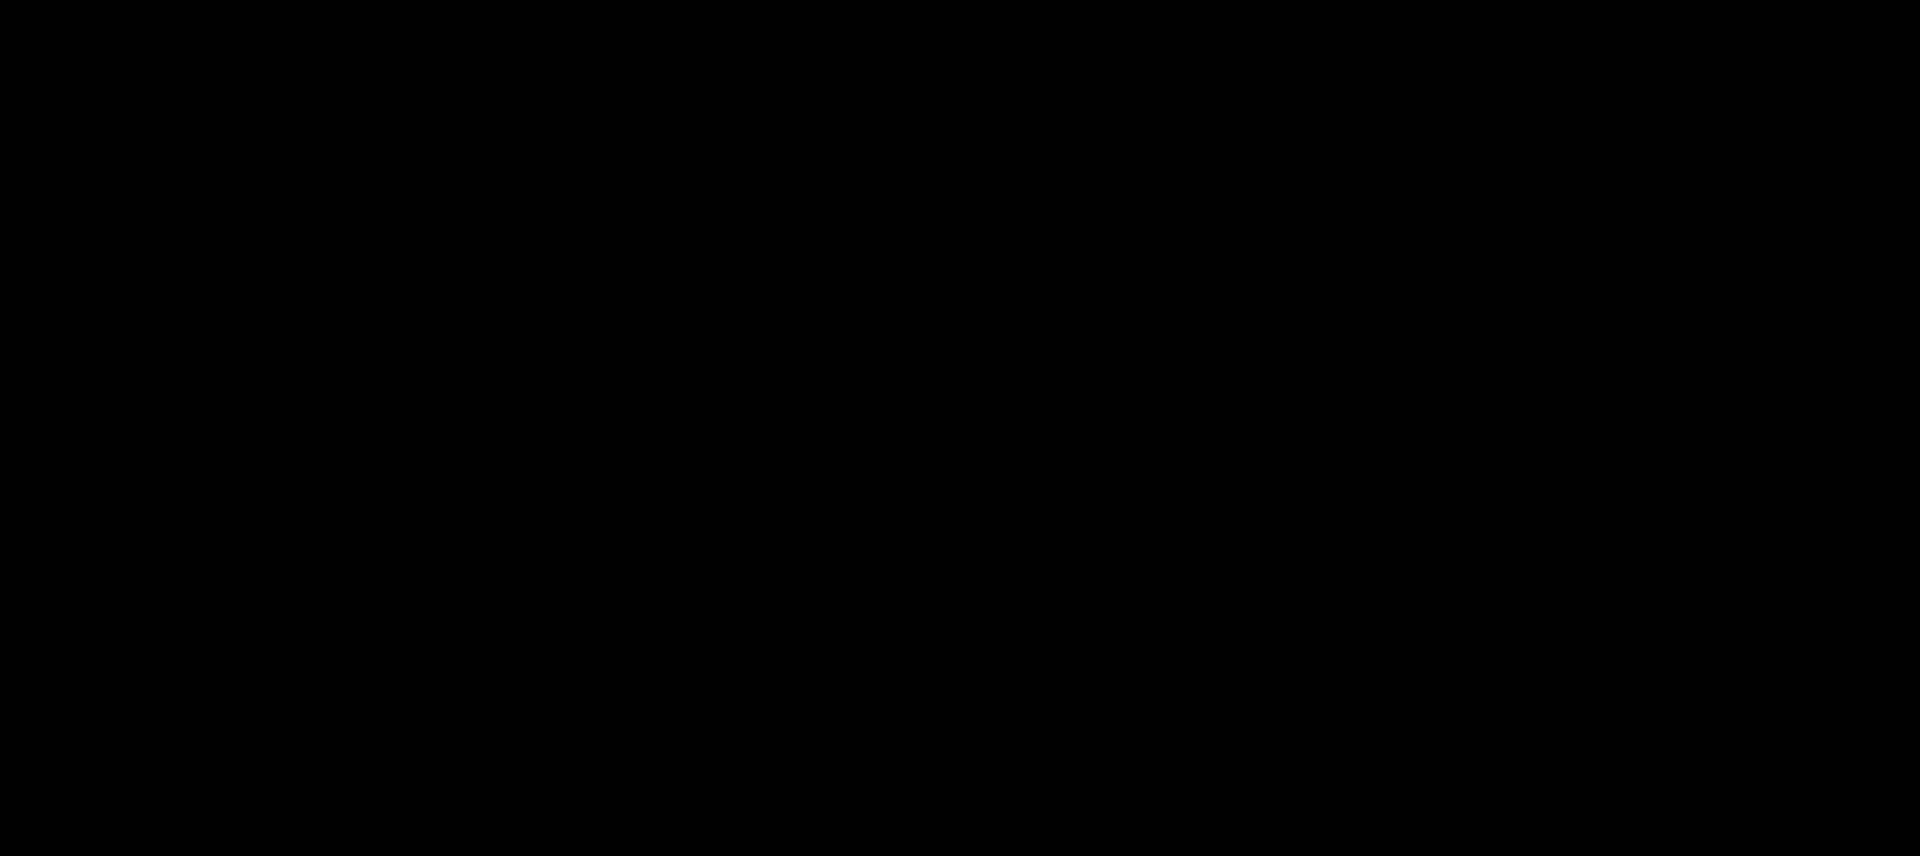 721fb35c 2bad 444b bb69 ffa11b76ce98